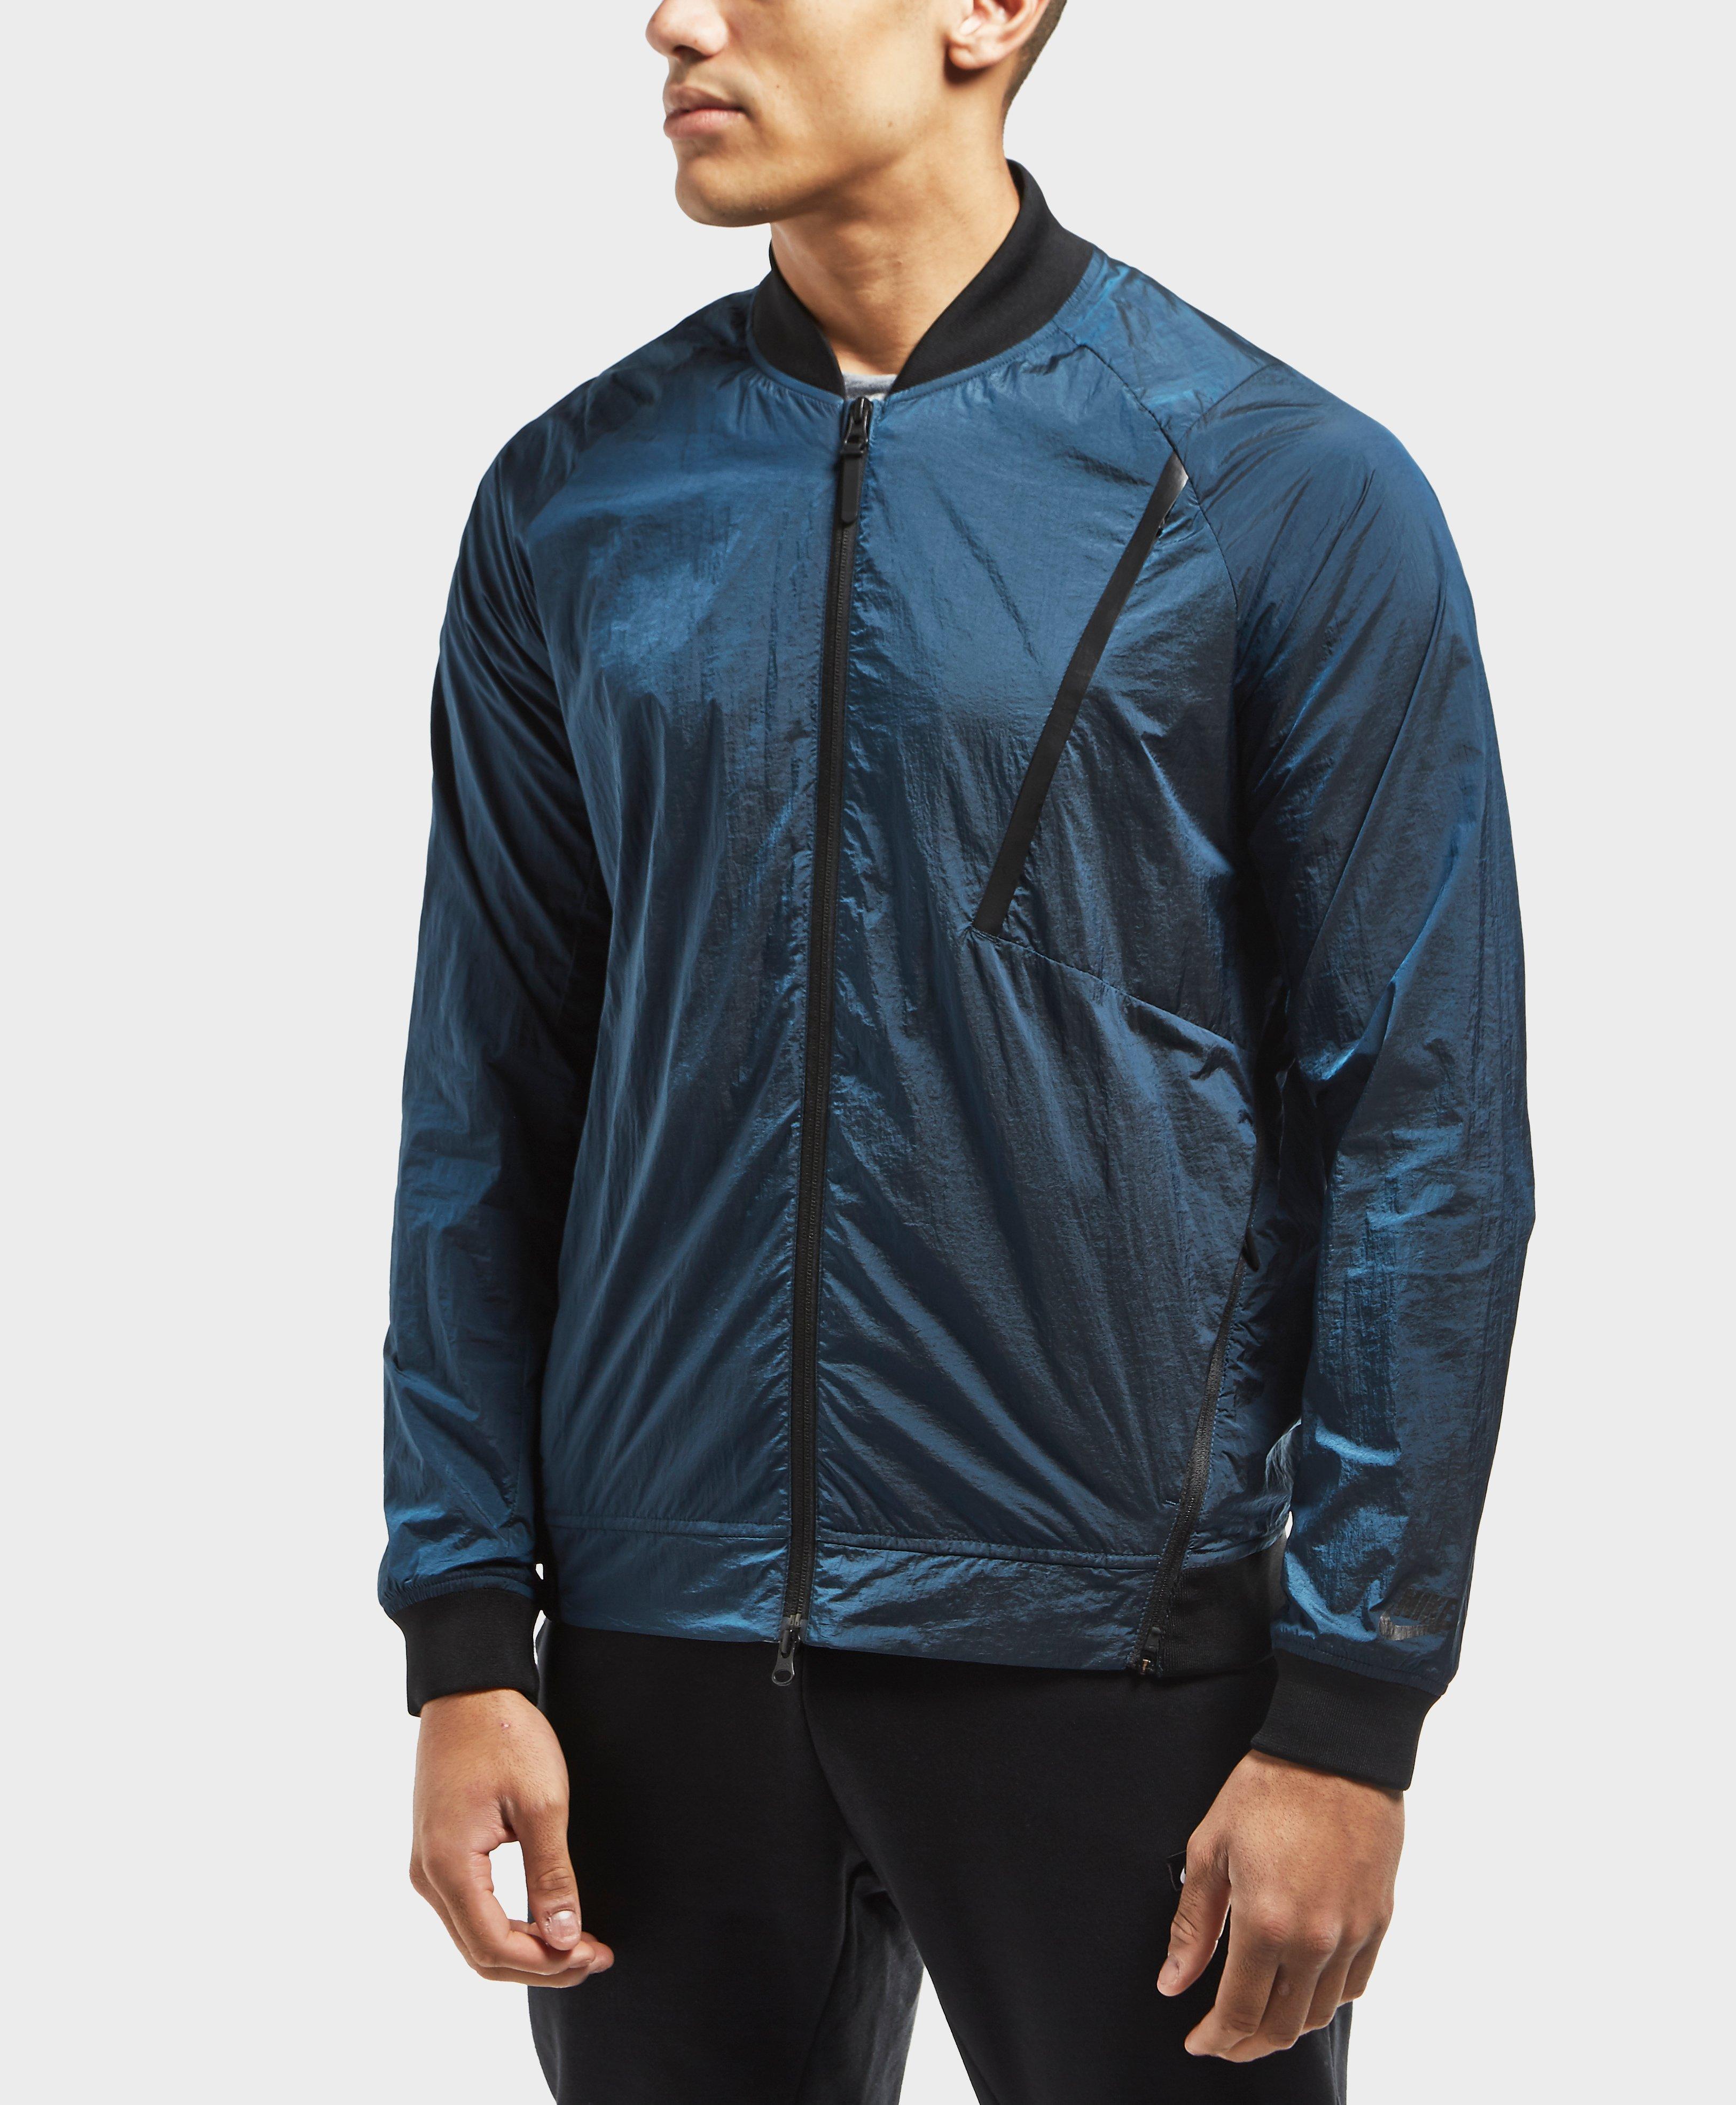 b9b62f695b01 Nike Tech Hypermesh Varsity Jacket in Blue for Men - Lyst